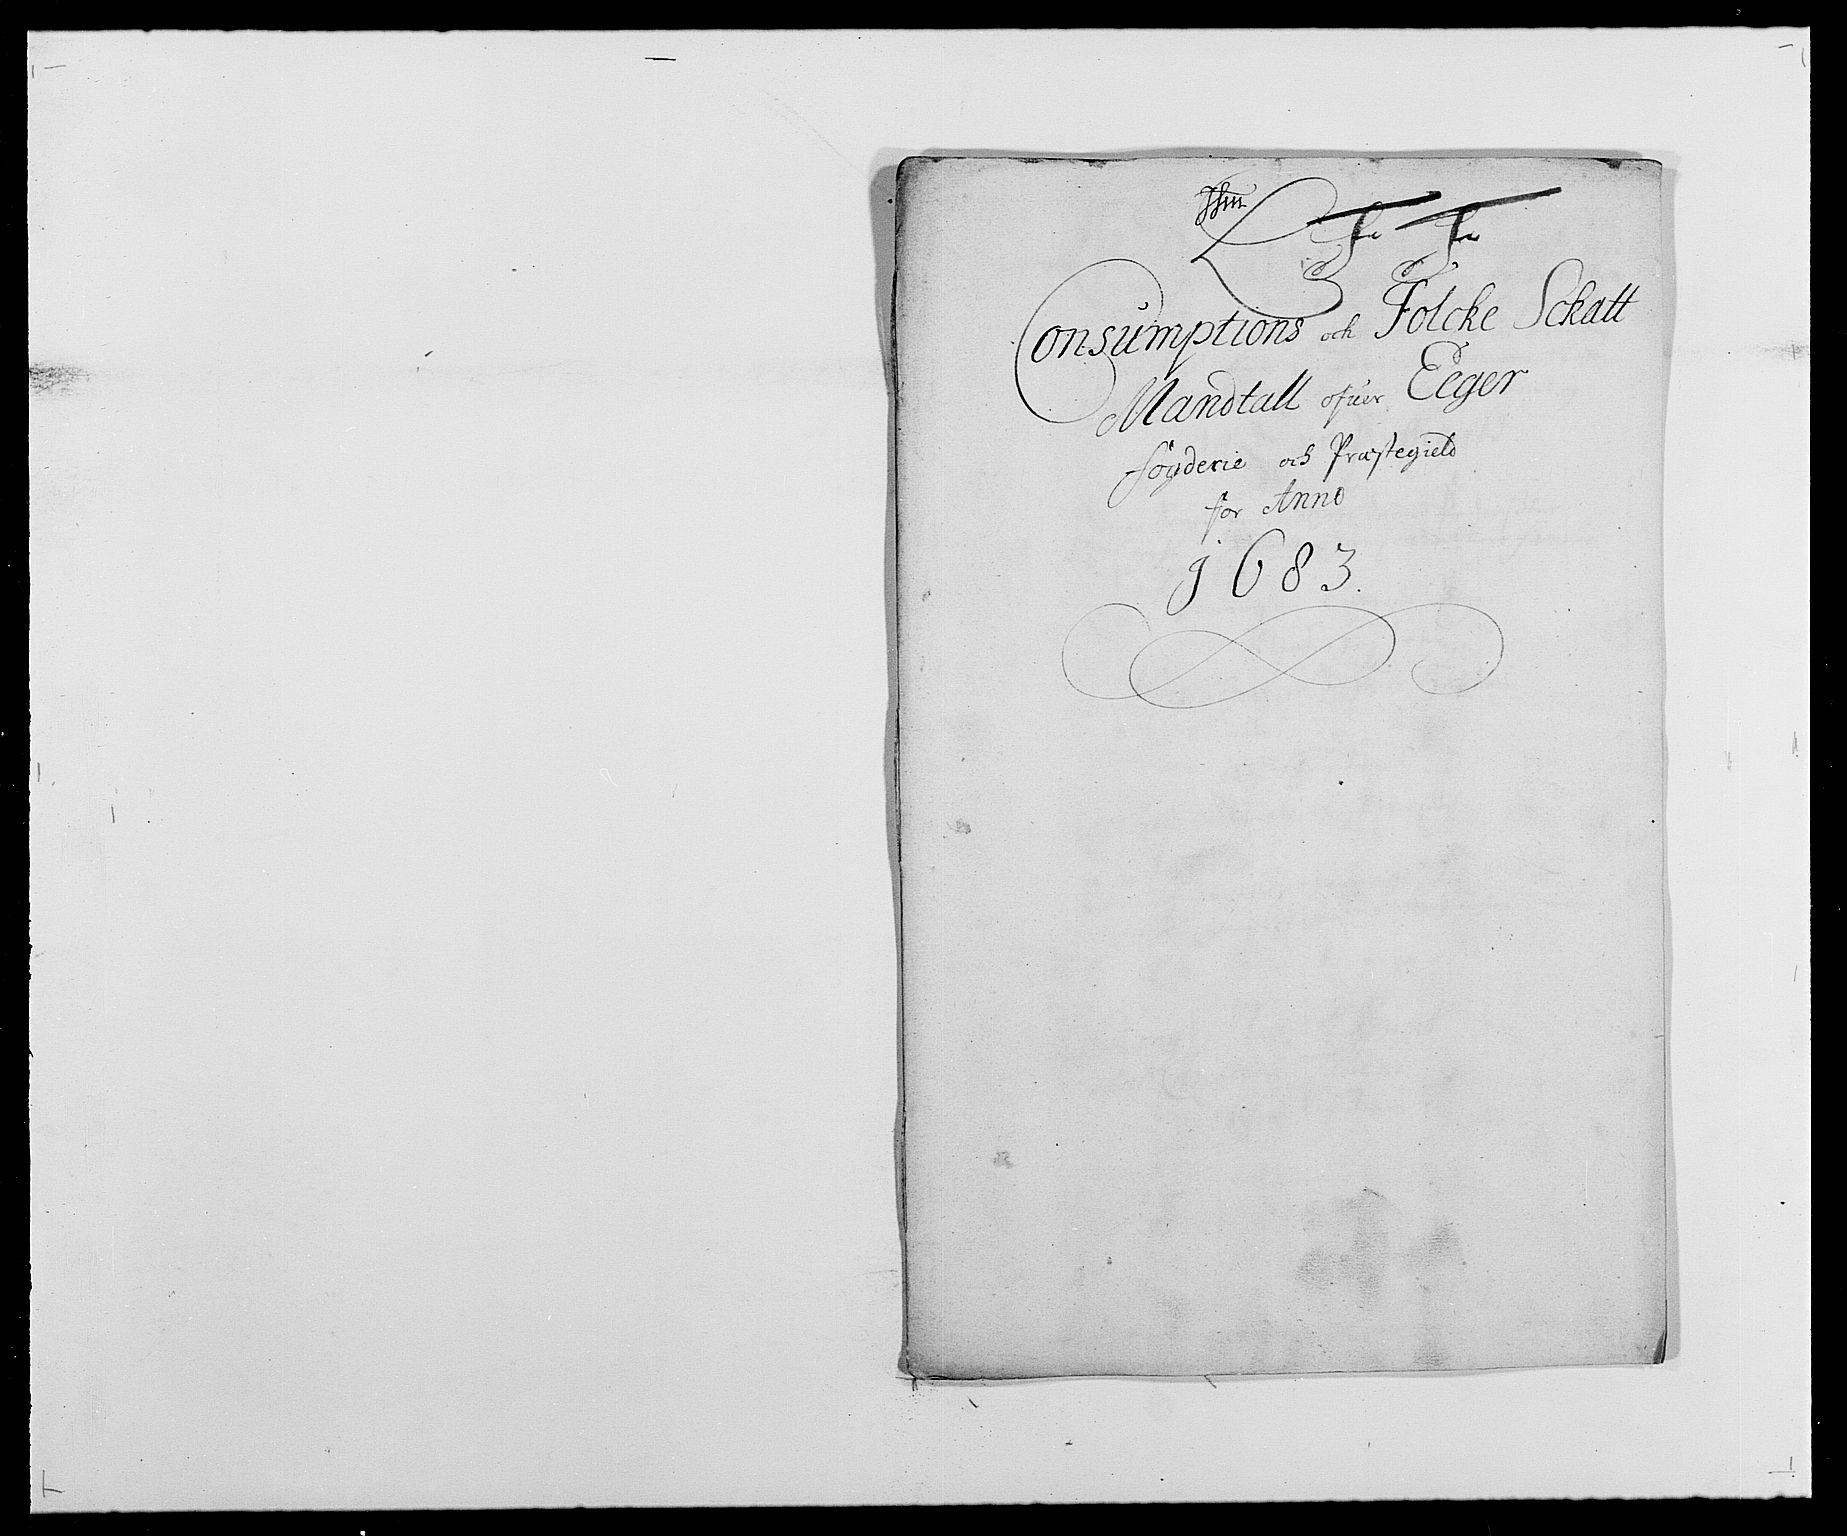 RA, Rentekammeret inntil 1814, Reviderte regnskaper, Fogderegnskap, R26/L1684: Fogderegnskap Eiker, 1679-1686, s. 393